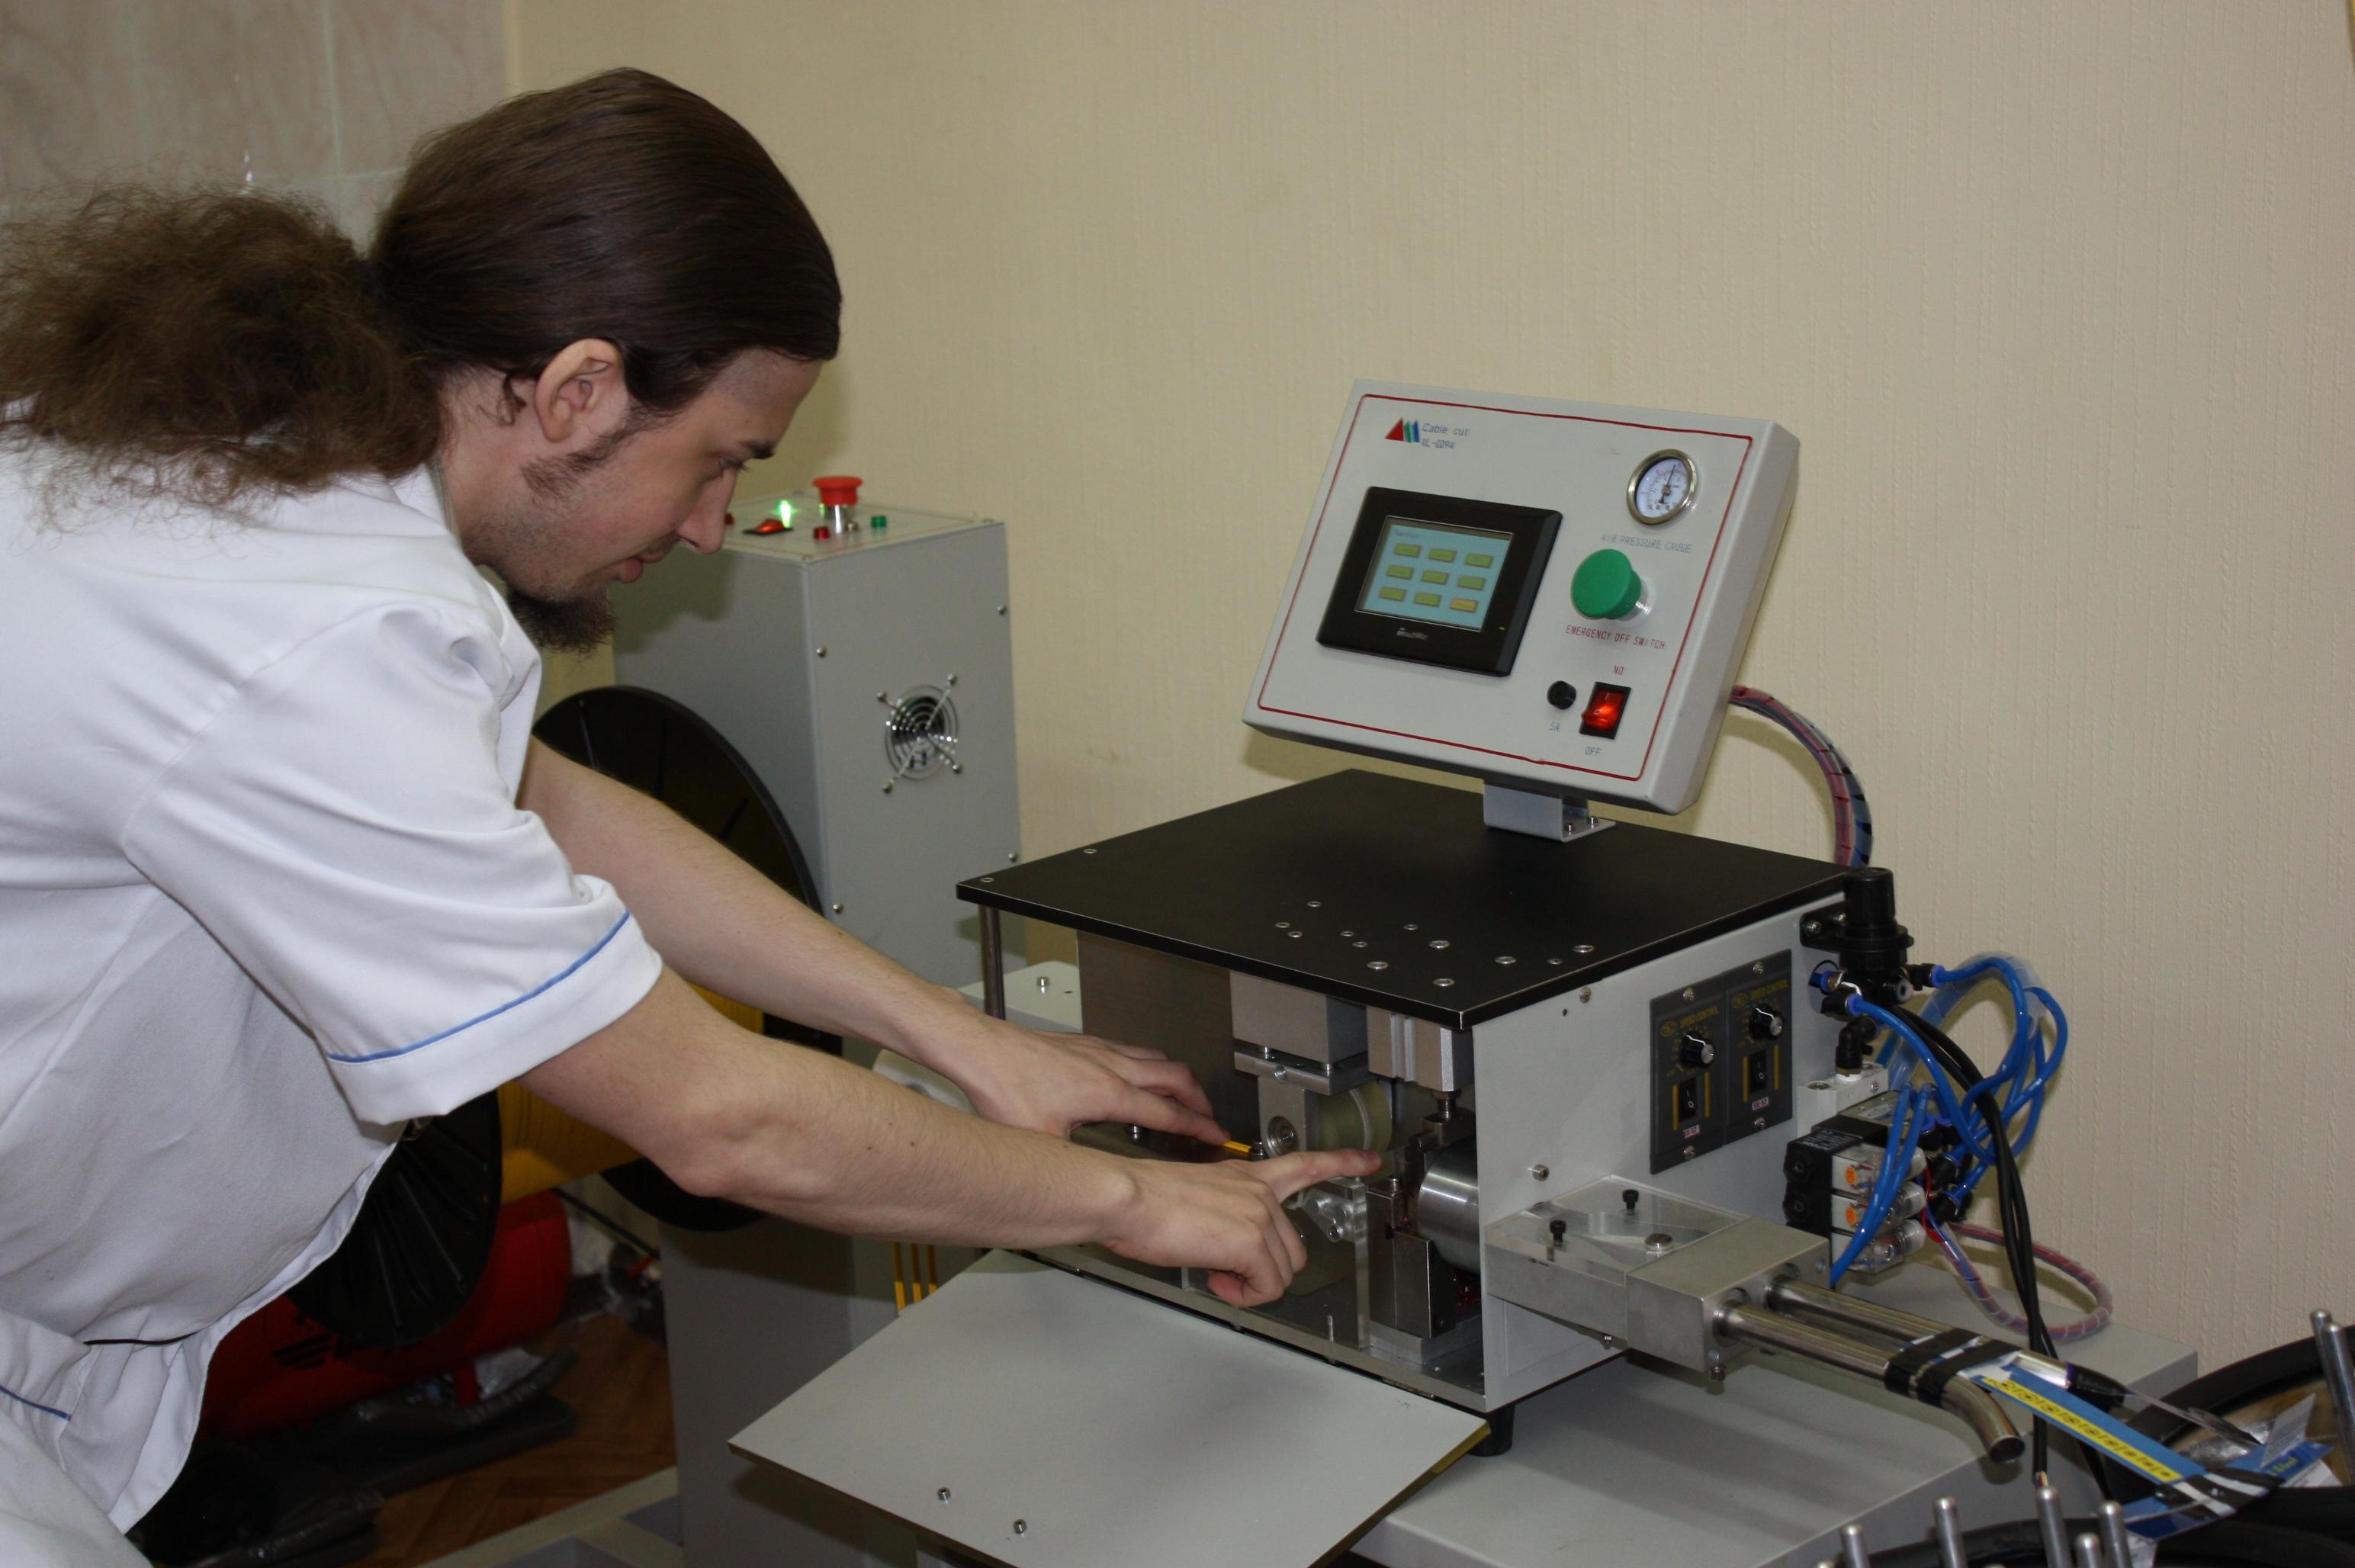 Молодой специалист проверяет работоспособность оборудования